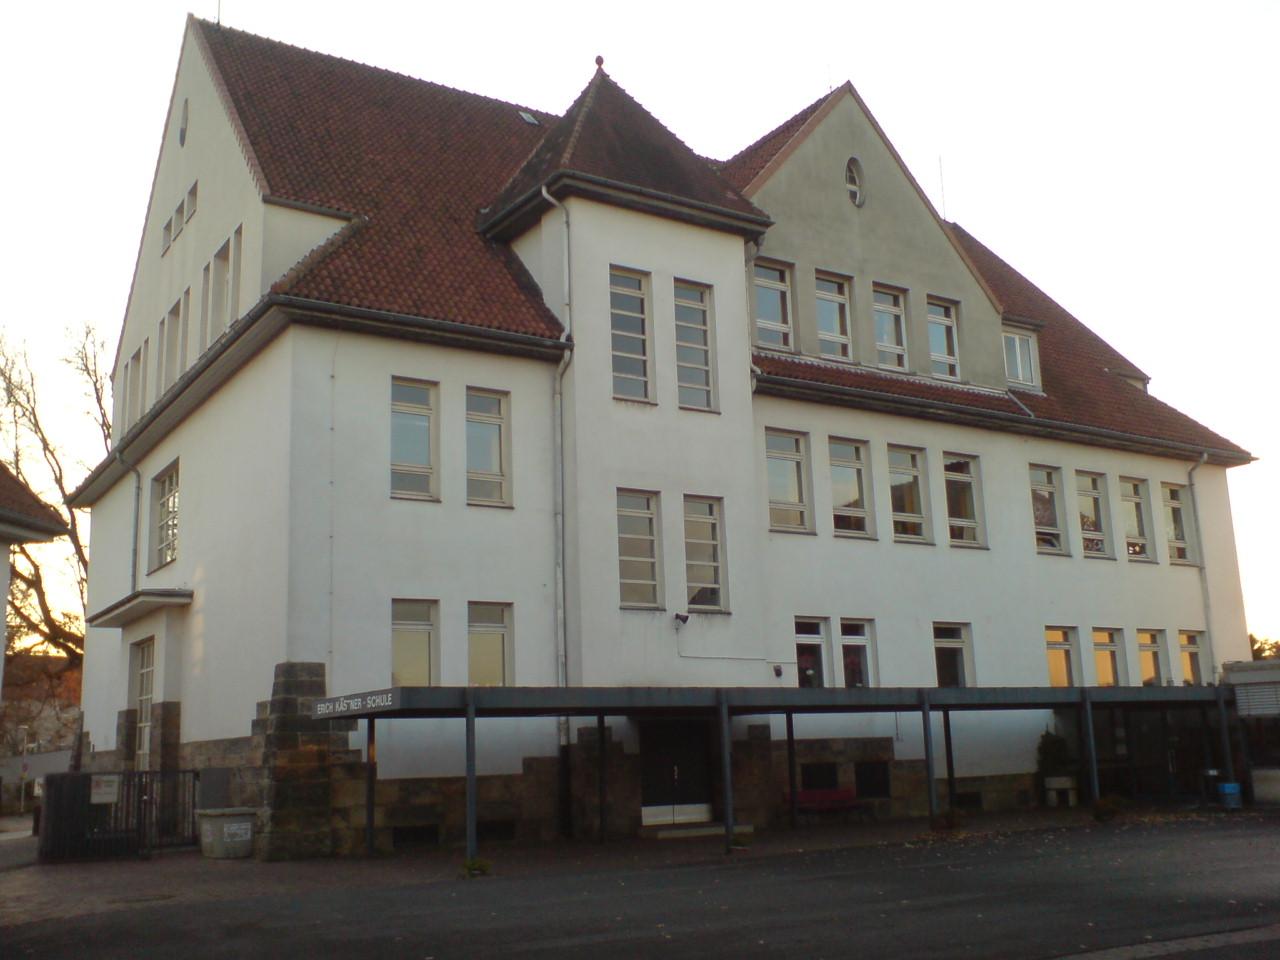 Hannover blick vom hof auf das denkmalgeschützte gebäude